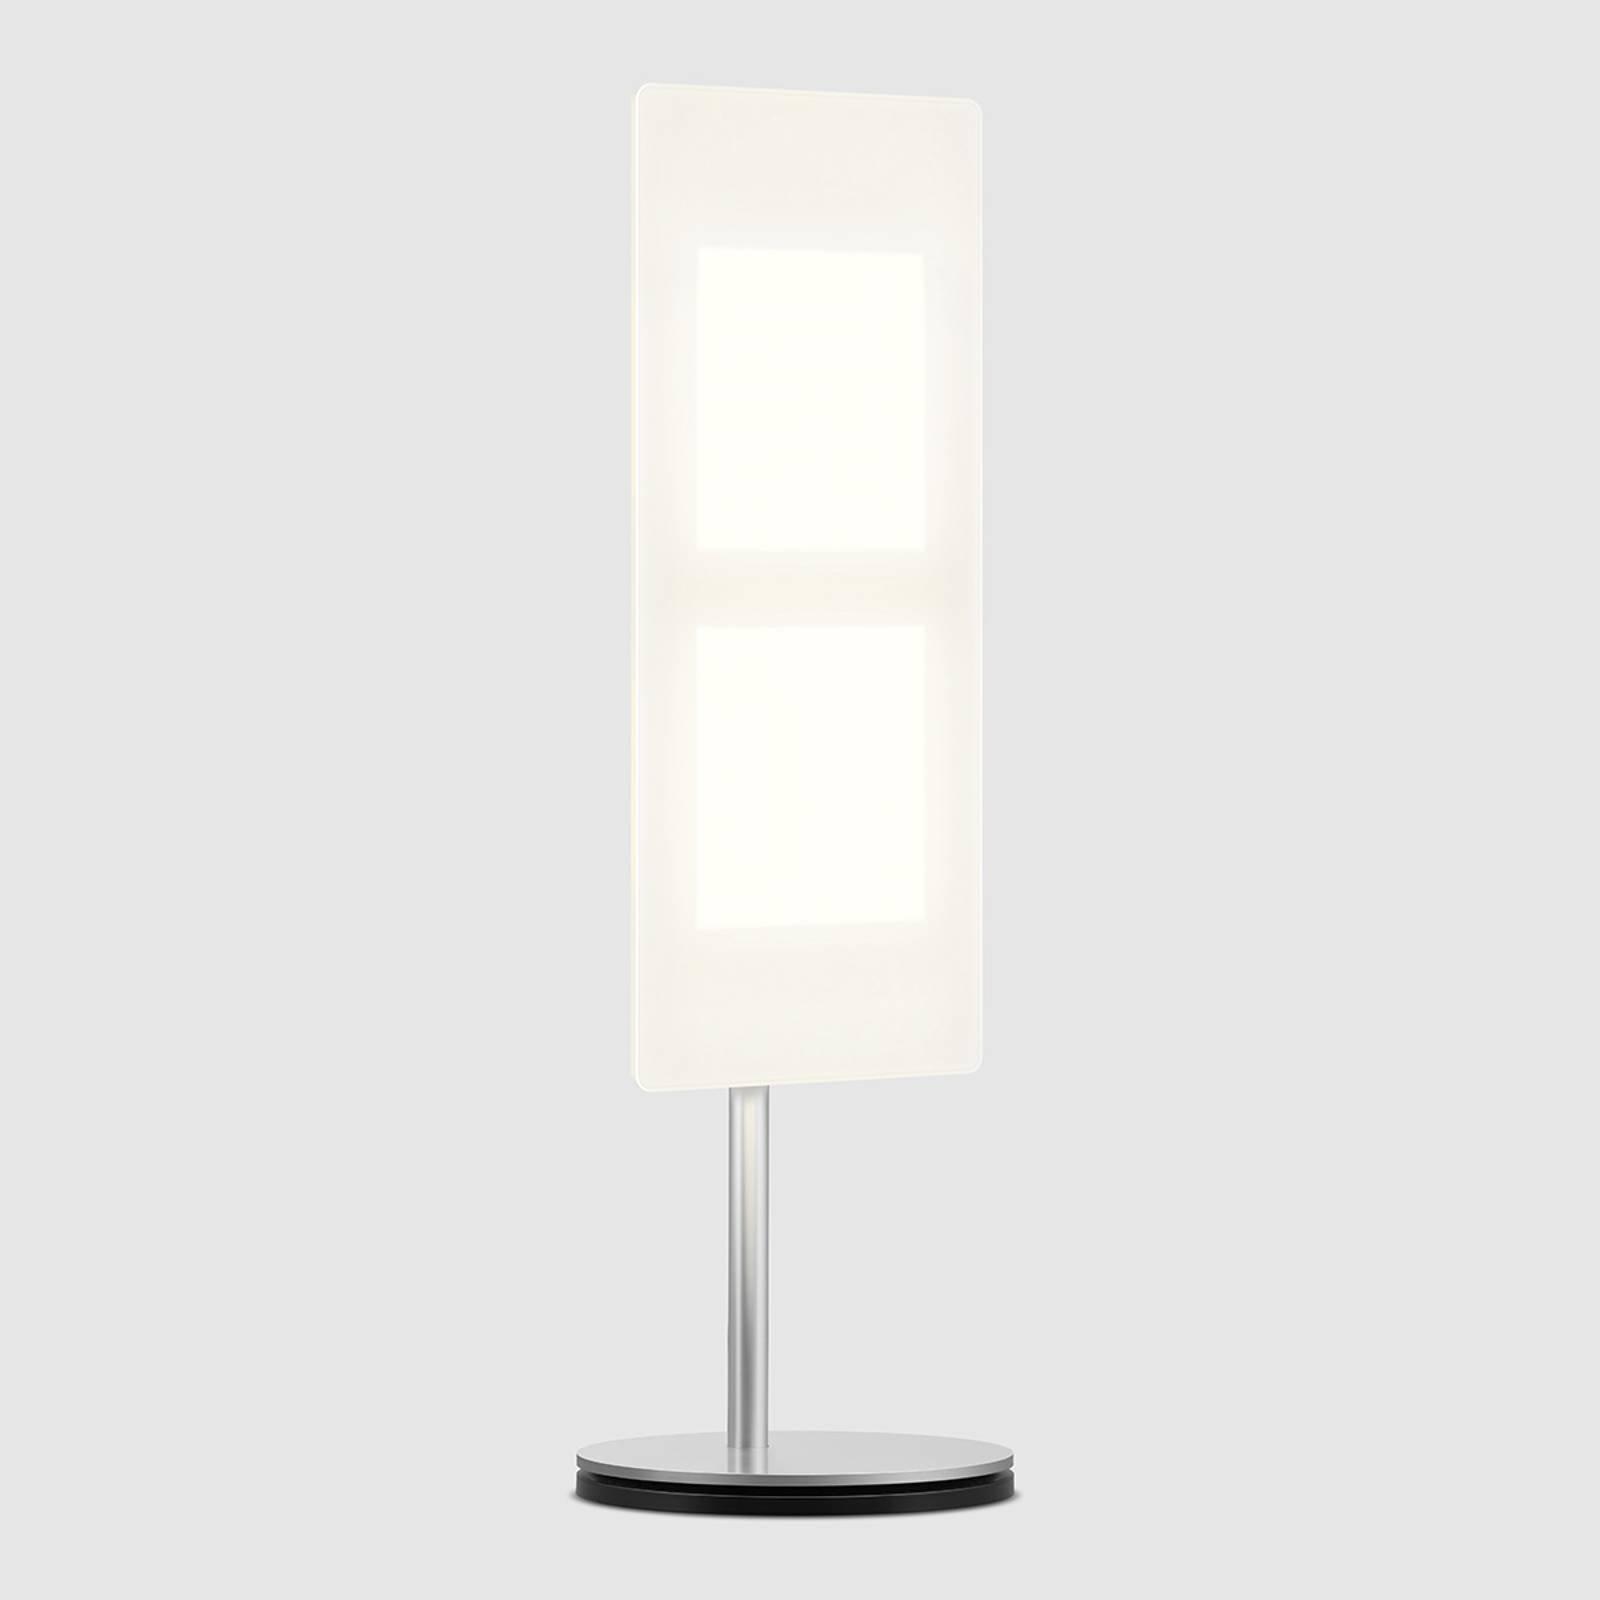 47,8 cm høy OLED-bordlampe OMLED One t2, svart